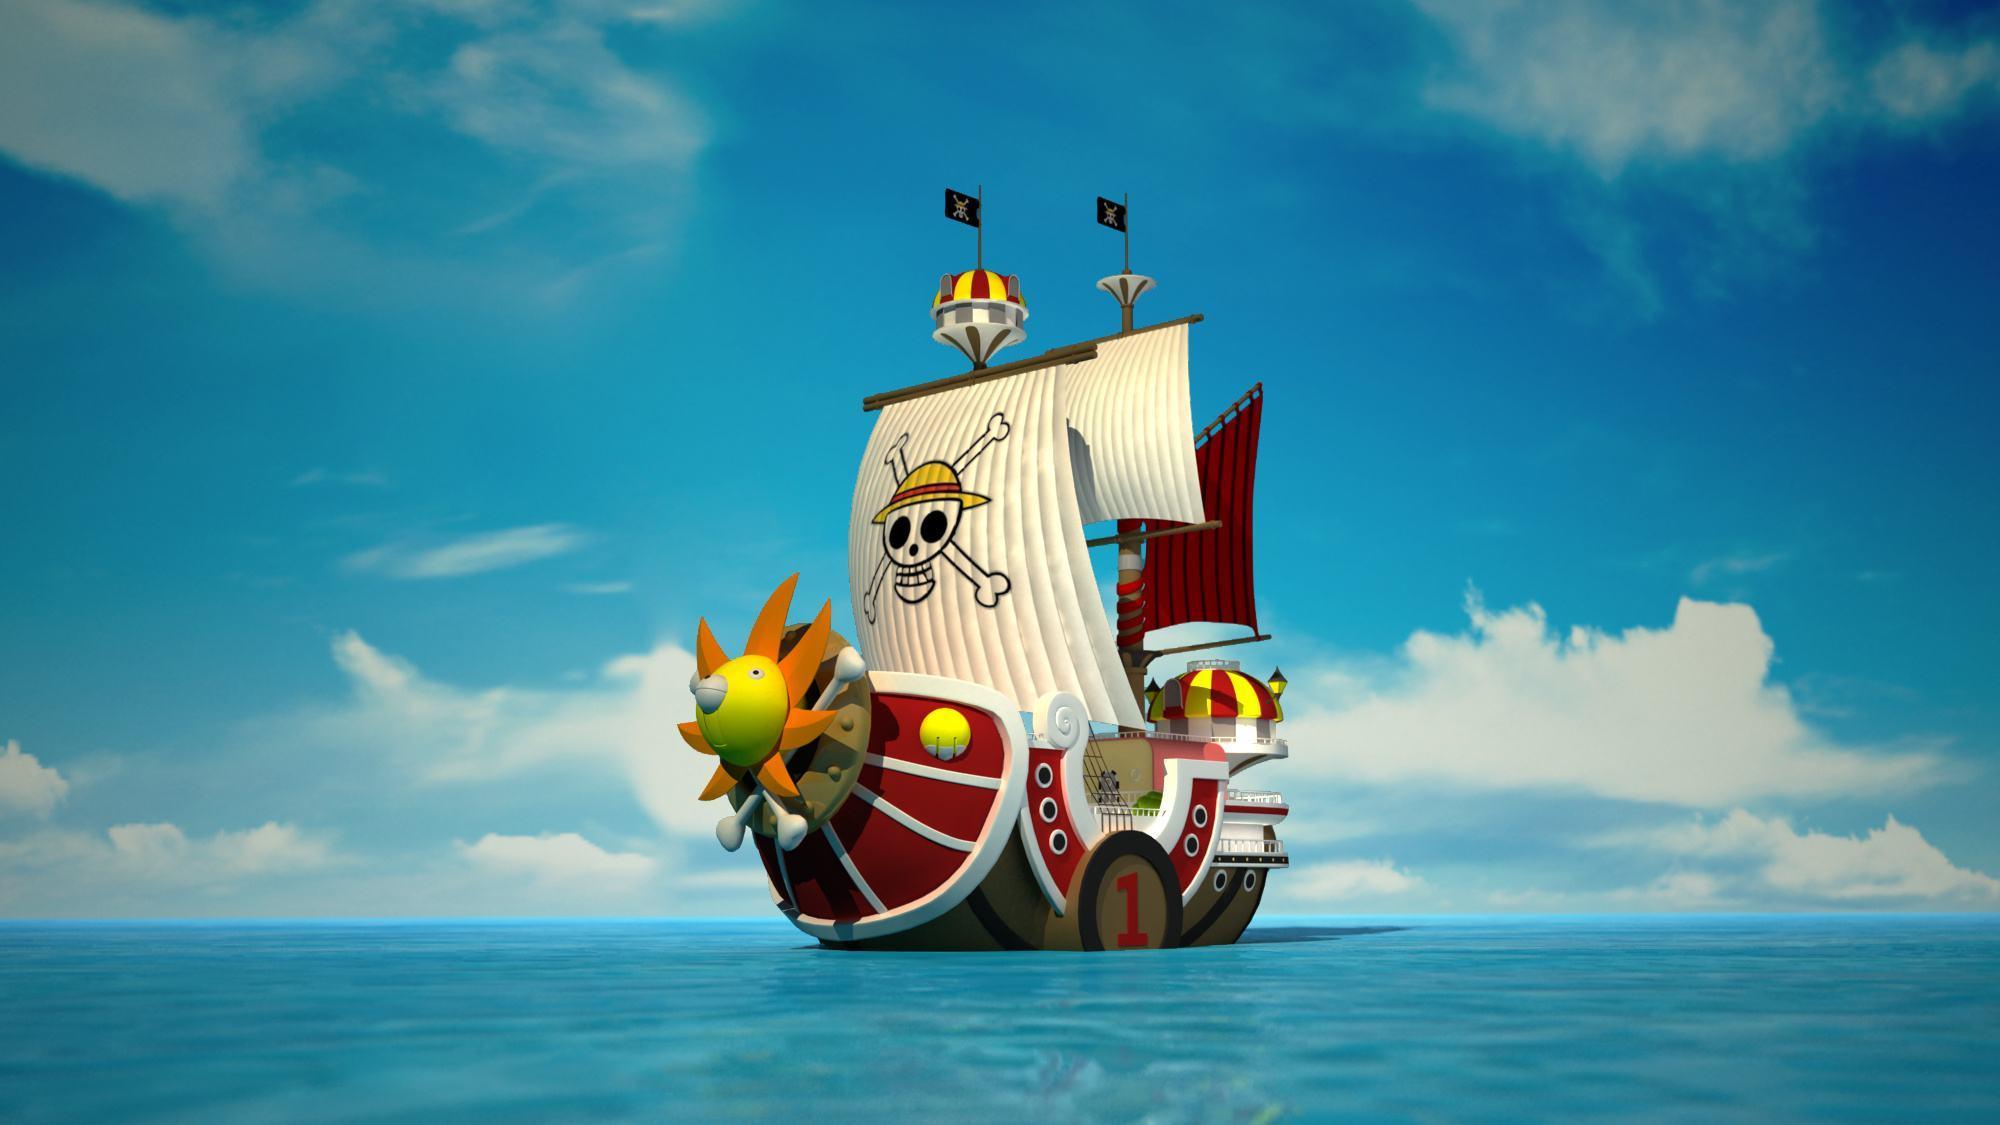 船的结构图和图片大全